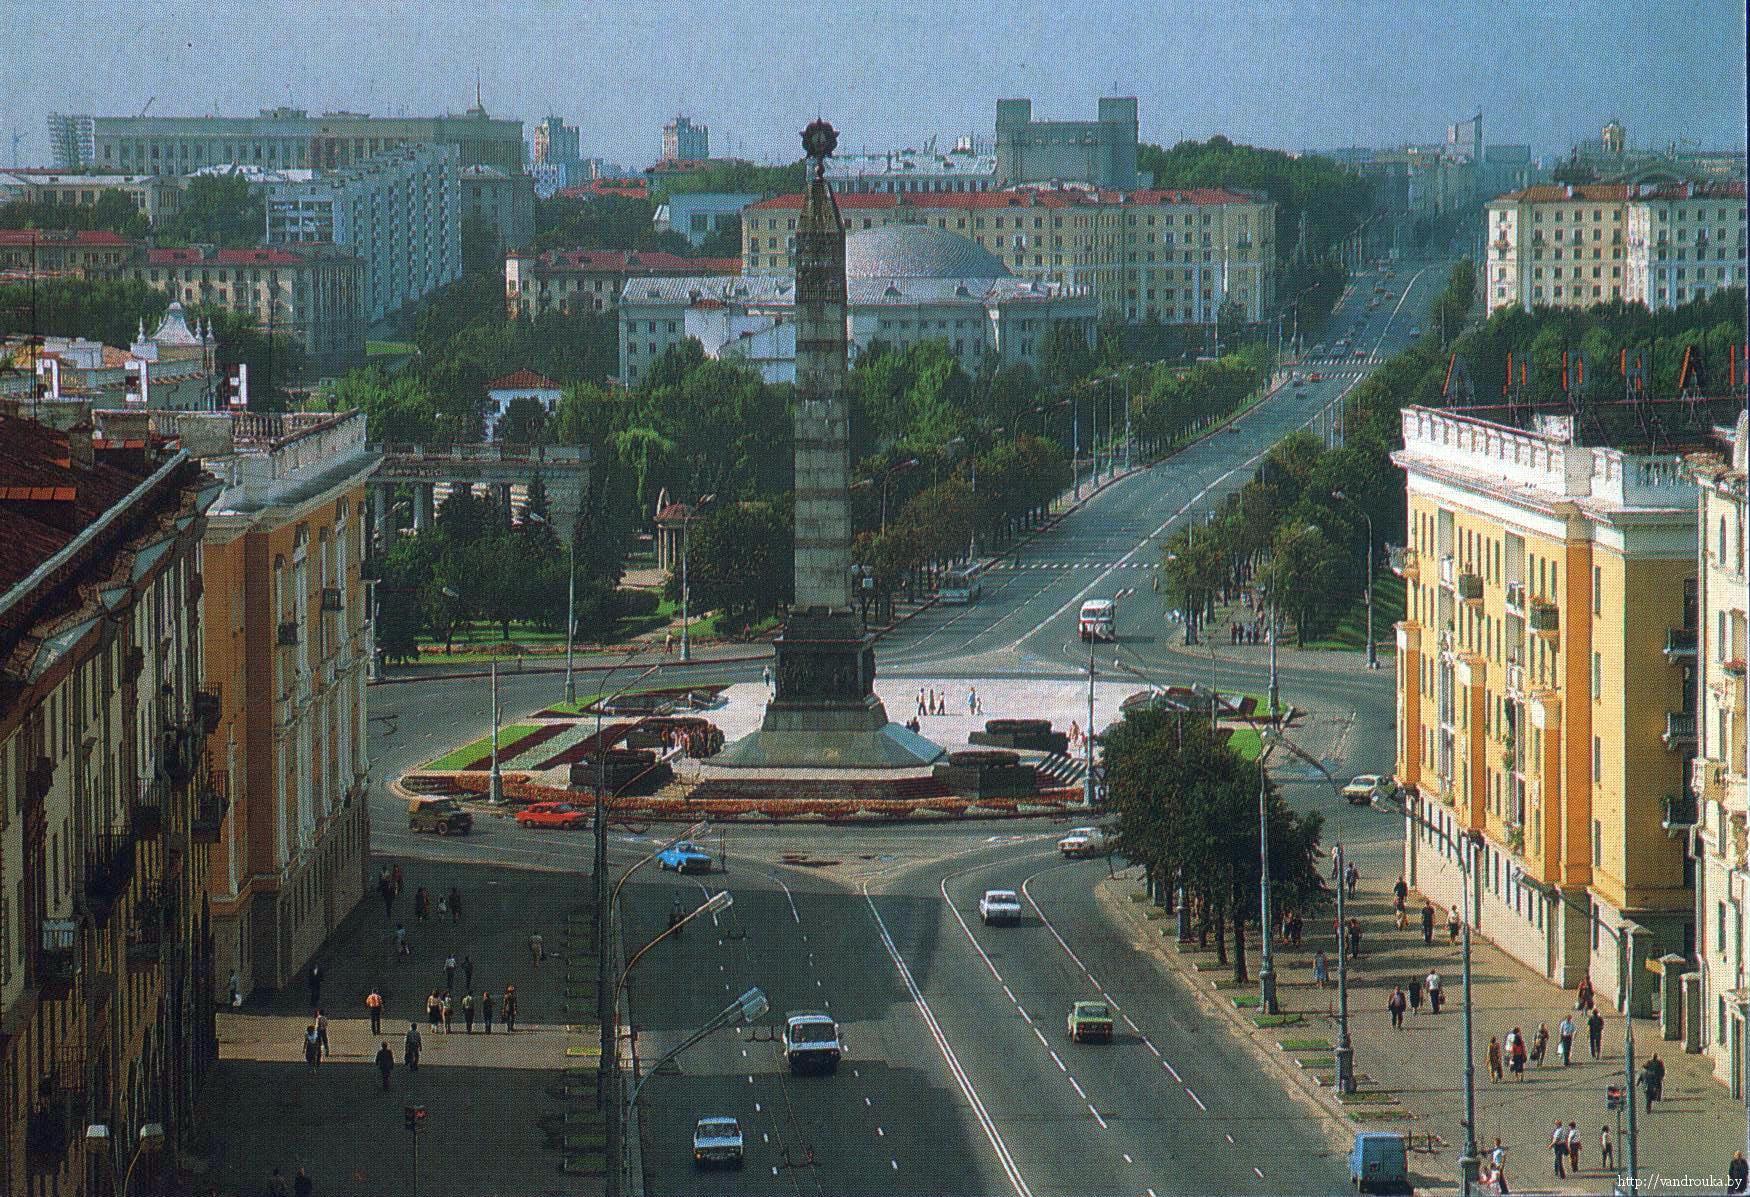 Панорама площади Победы и проспекта Франциска Скорины. Открытка 1993 г.